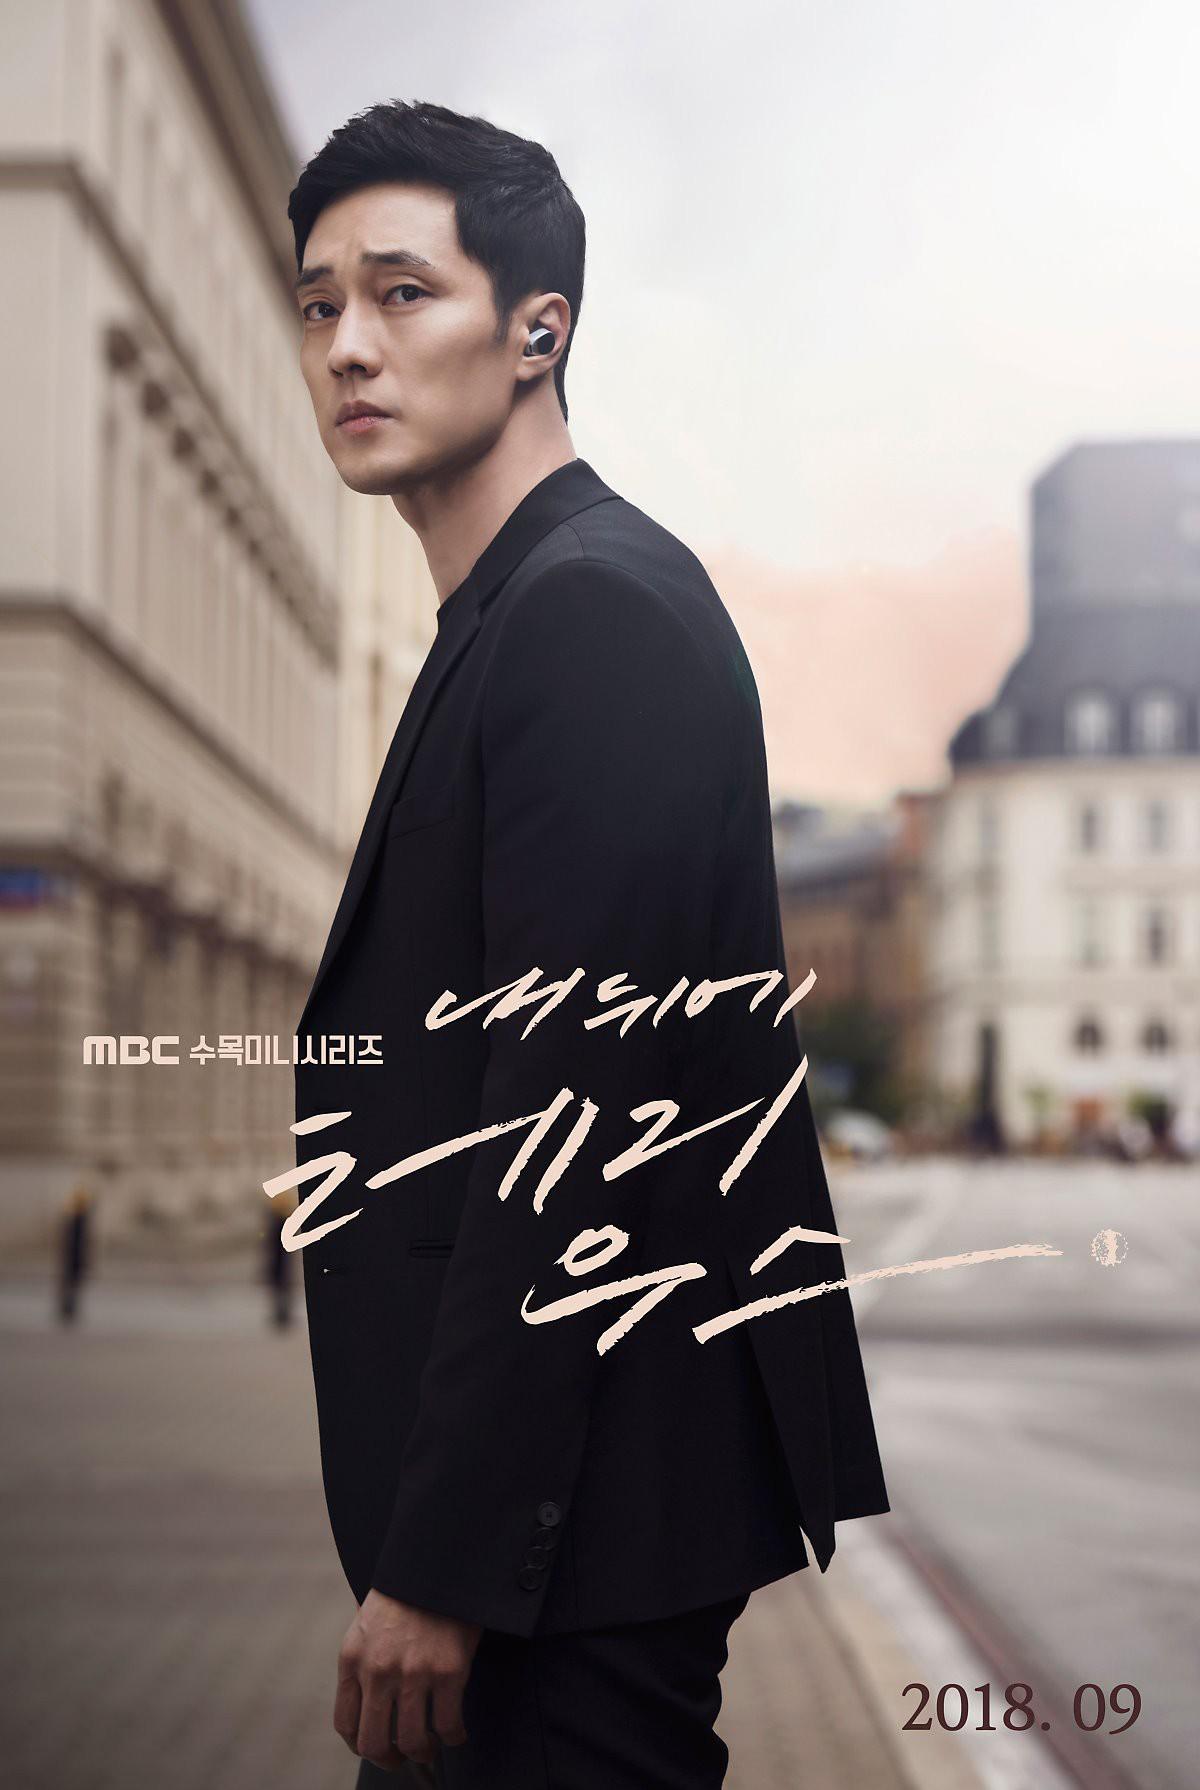 Bộ phim Hàn ngược đời sau 18 năm: Gần cả dàn thành sao hạng A trừ nam chính, Son Ye Jin không đỉnh bằng số 3, 4! - Ảnh 11.